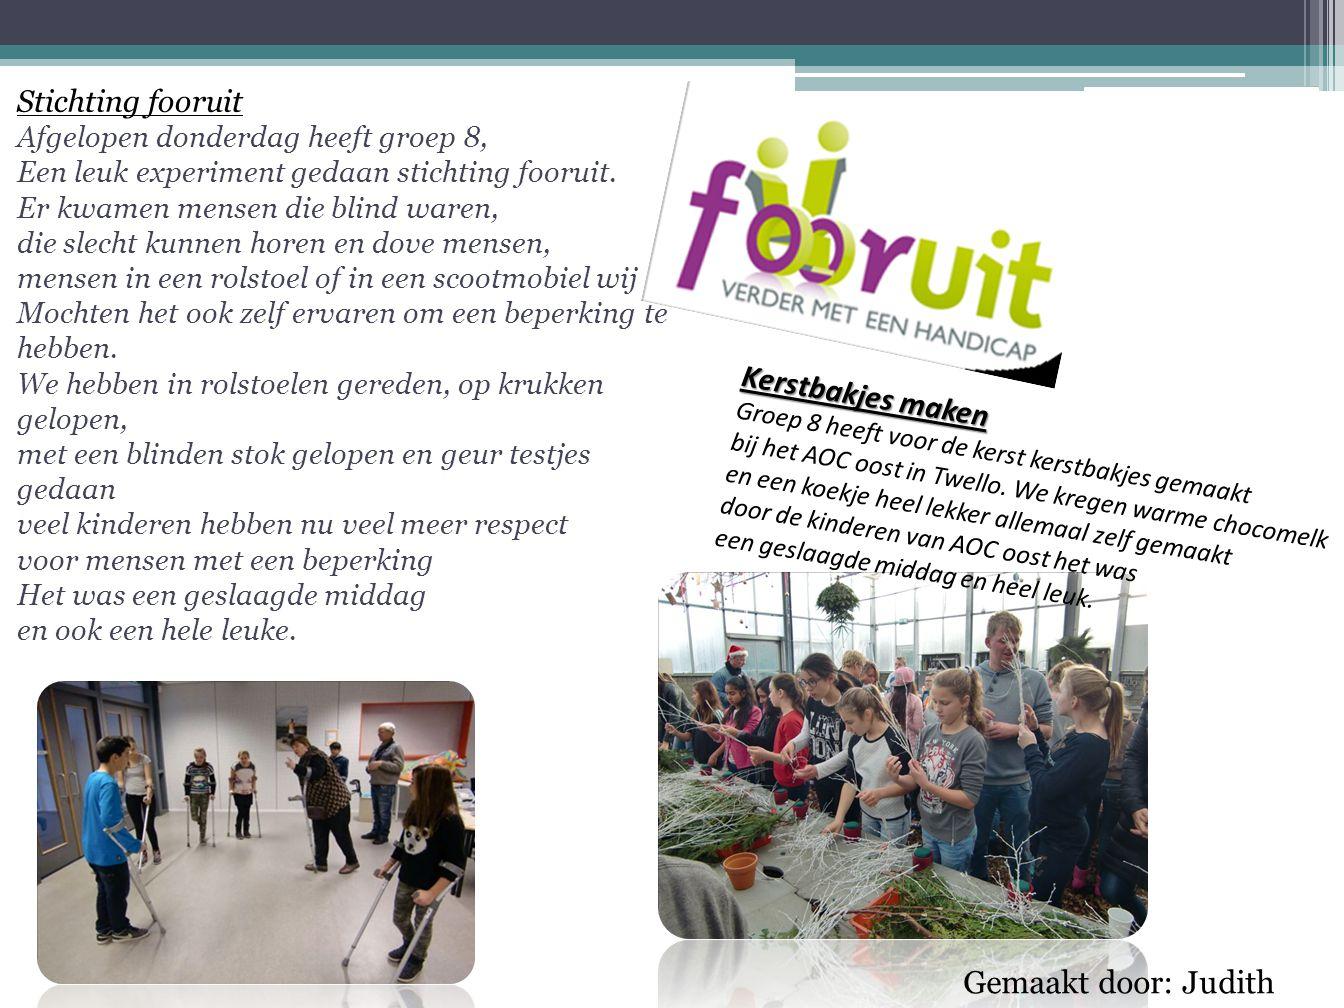 Stichting fooruit Afgelopen donderdag heeft groep 8, Een leuk experiment gedaan stichting fooruit.